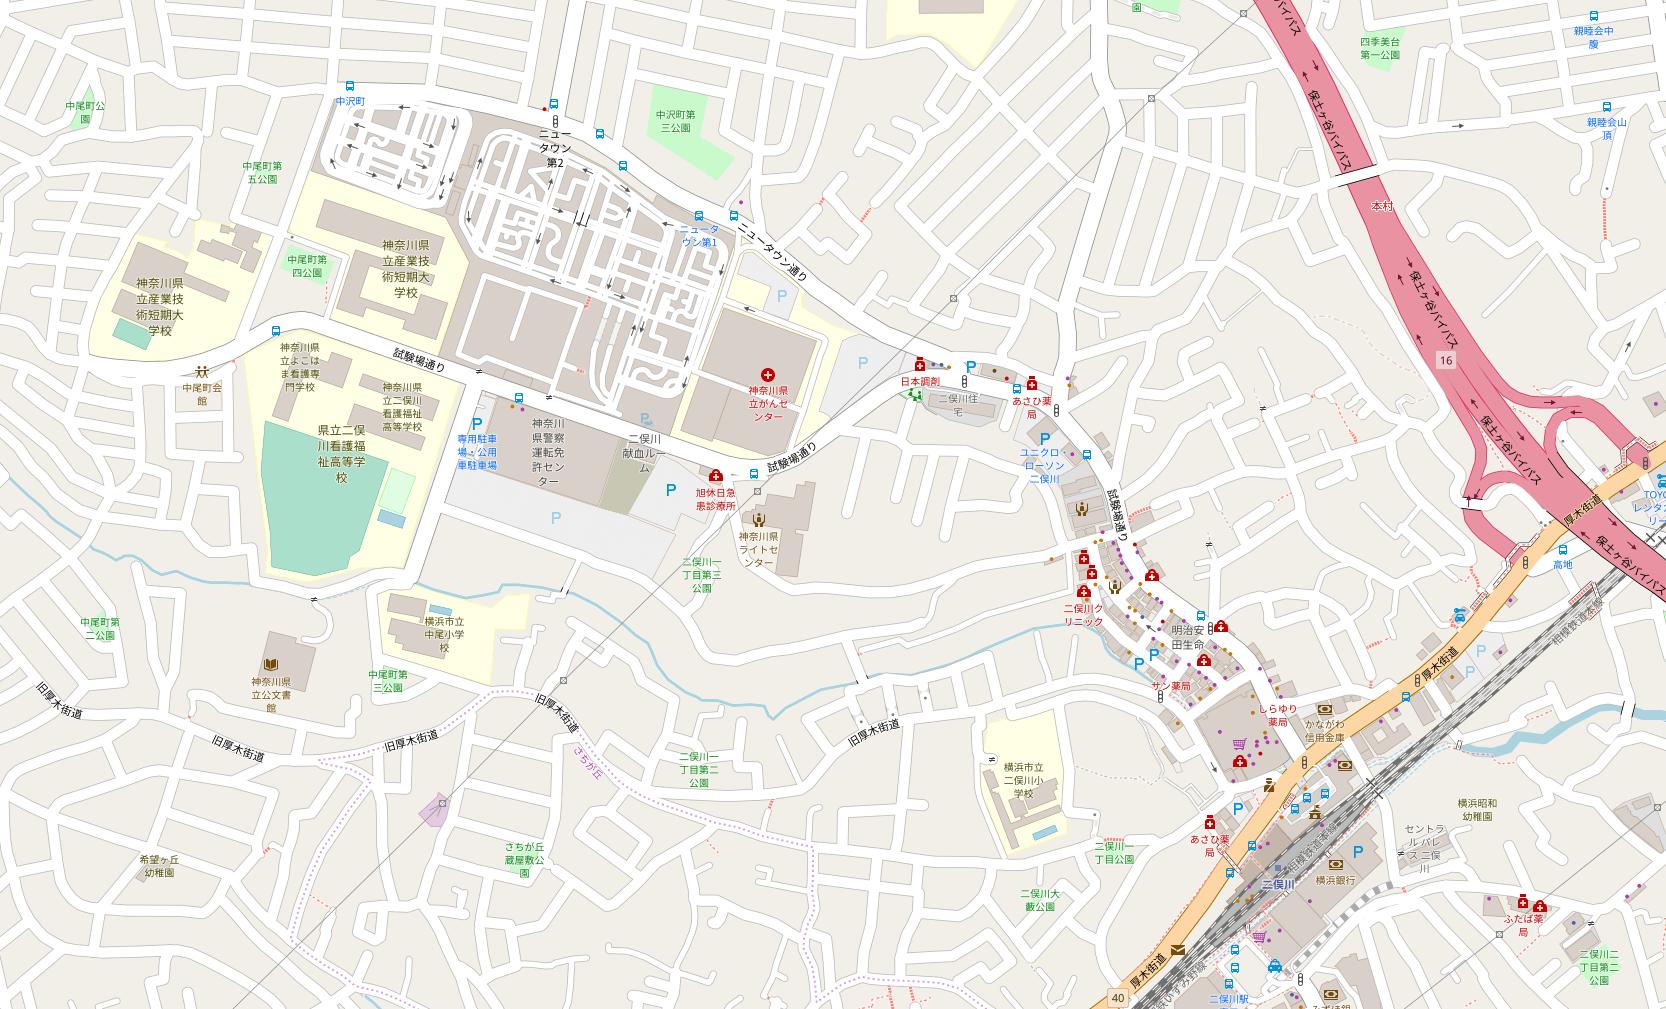 神奈川県警察運転免許センター(二俣川免許センター)とは